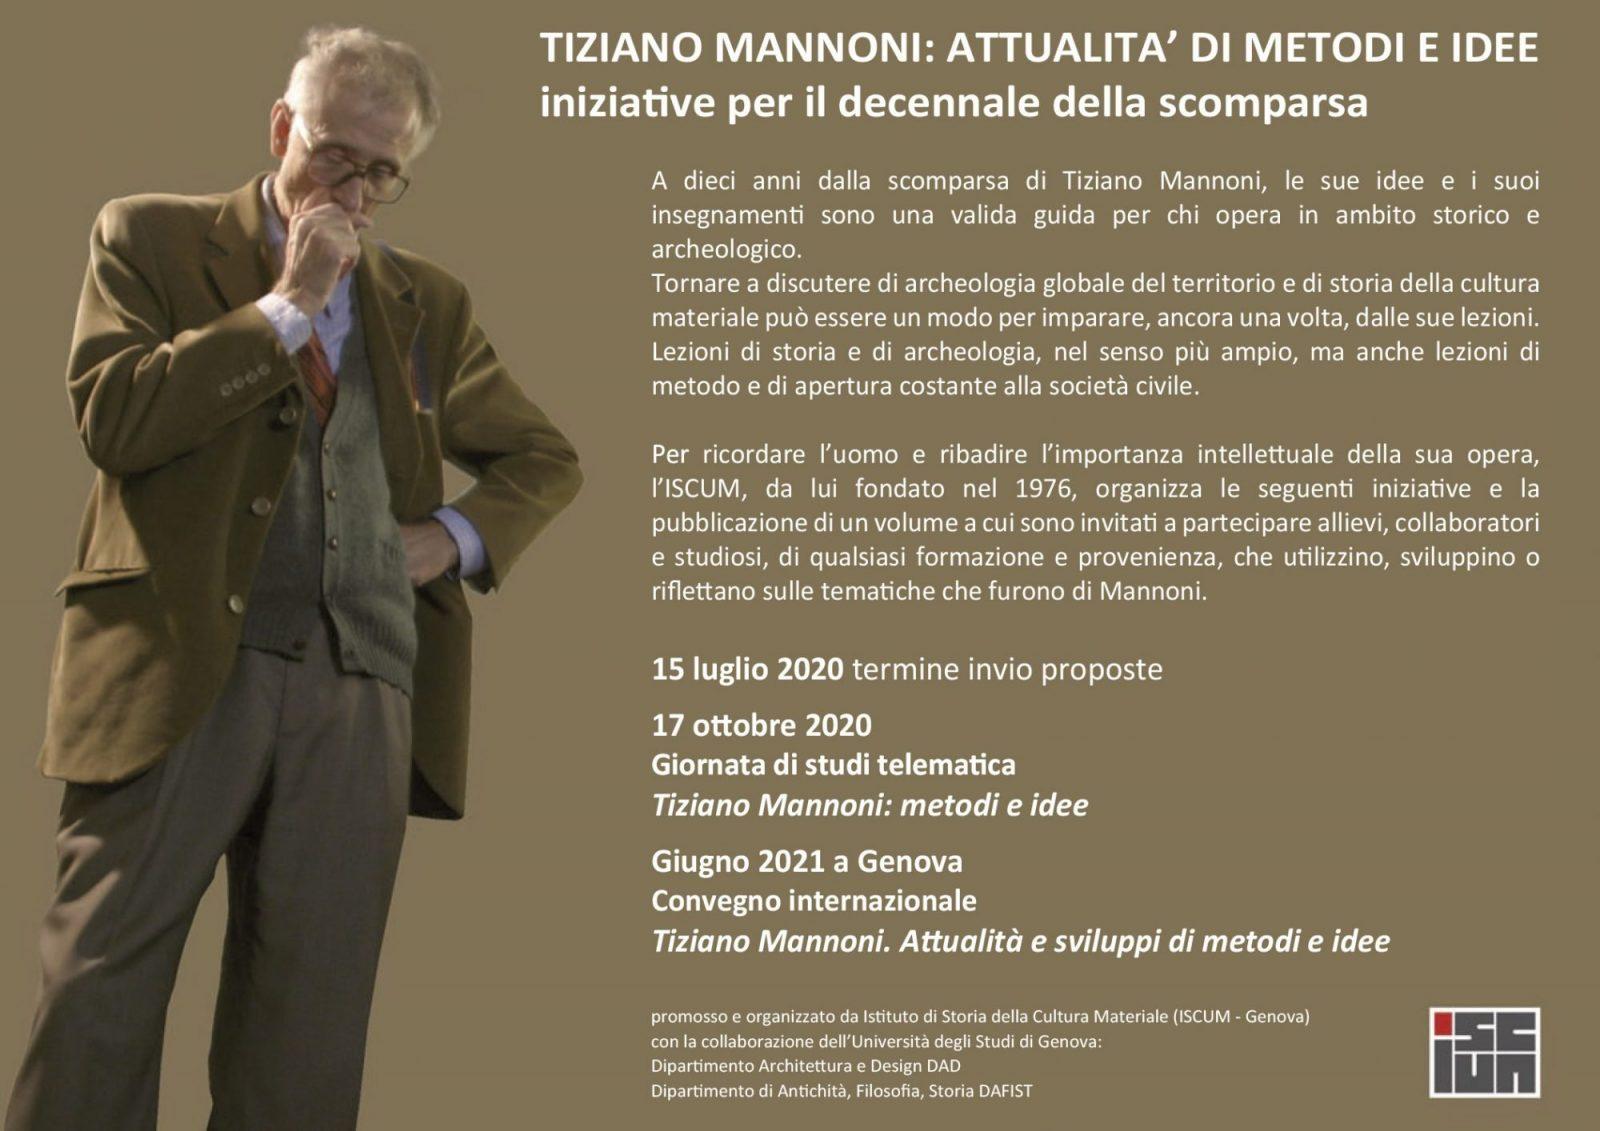 Tiziano Mannoni, 2020-2021.